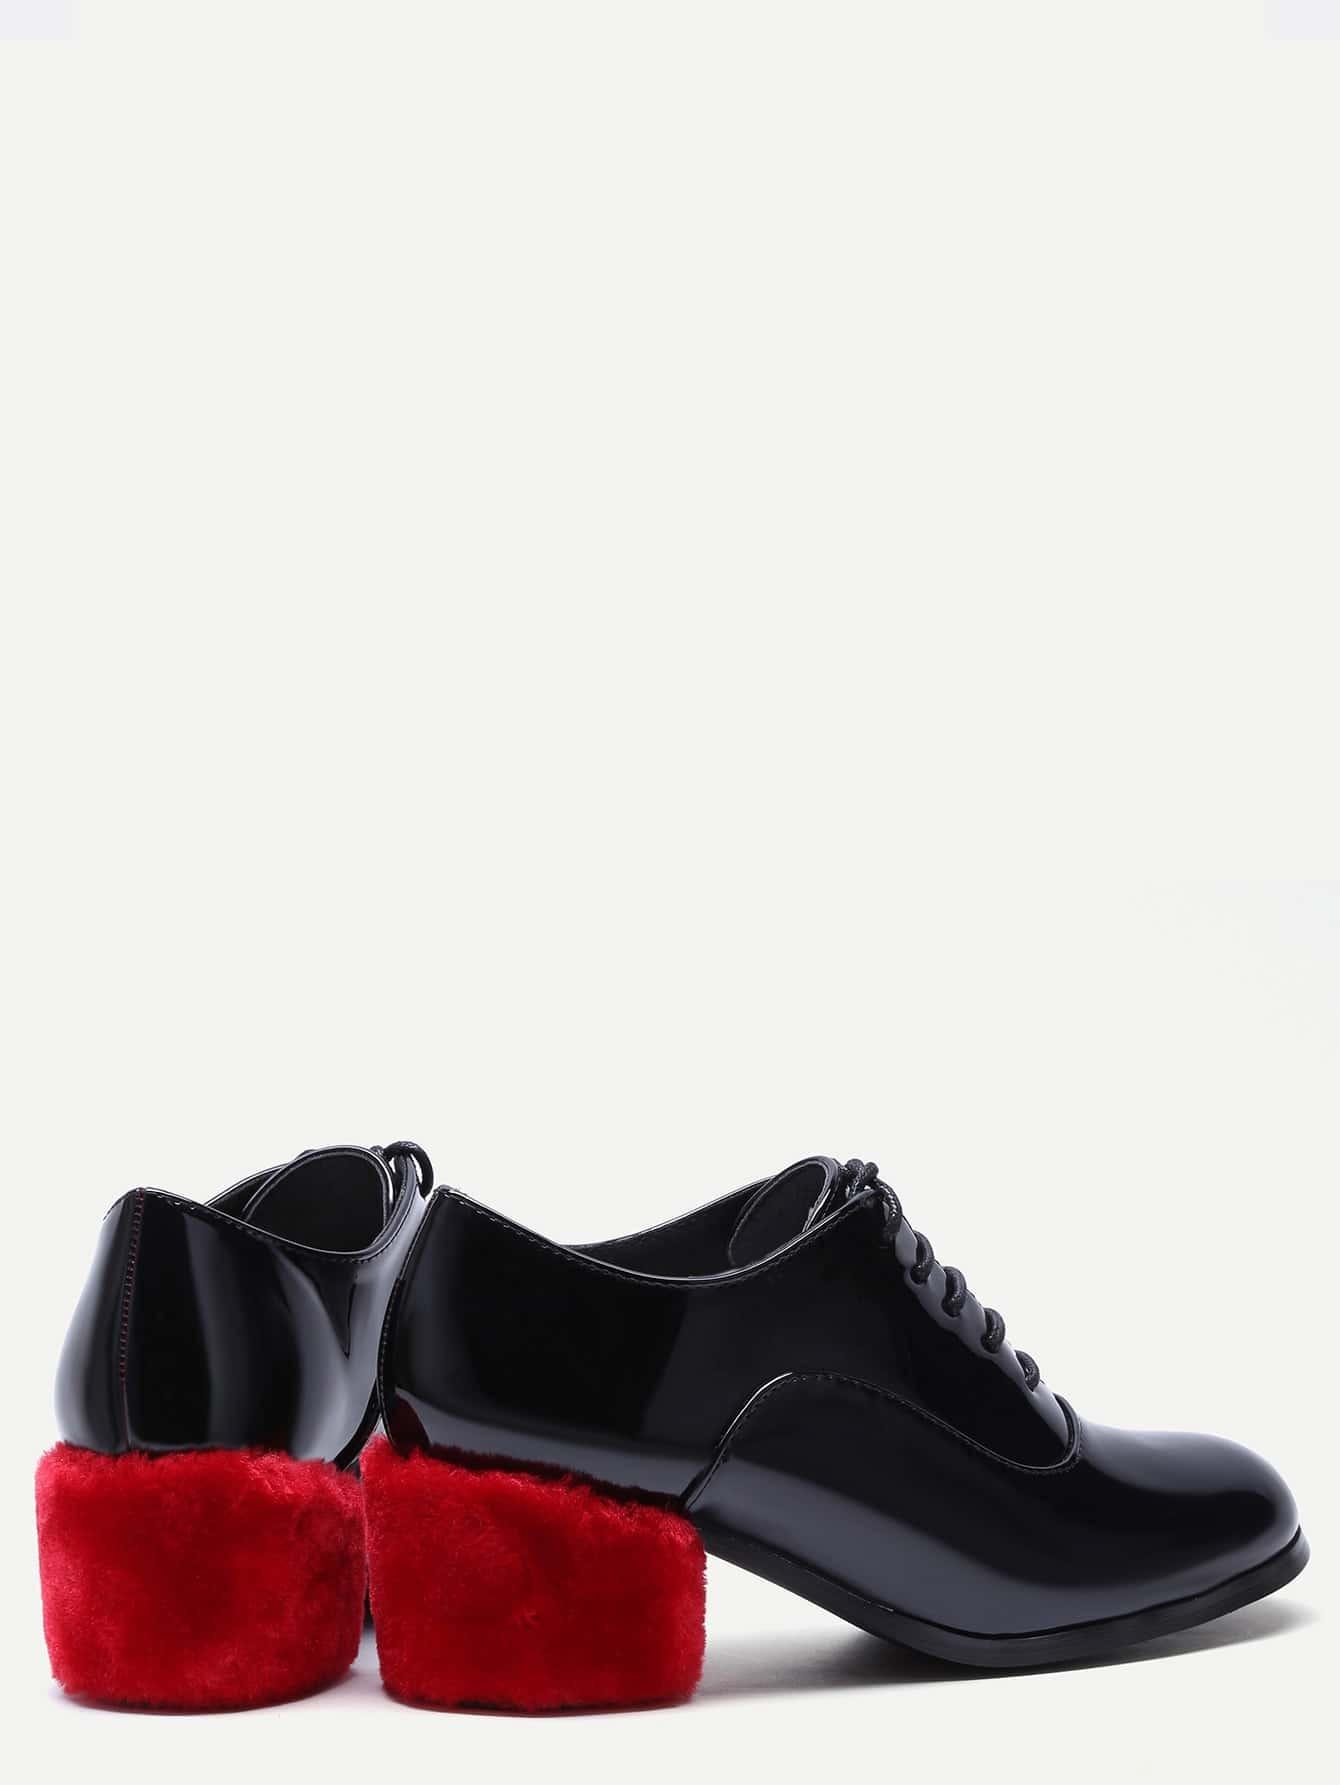 shoes161207801_2